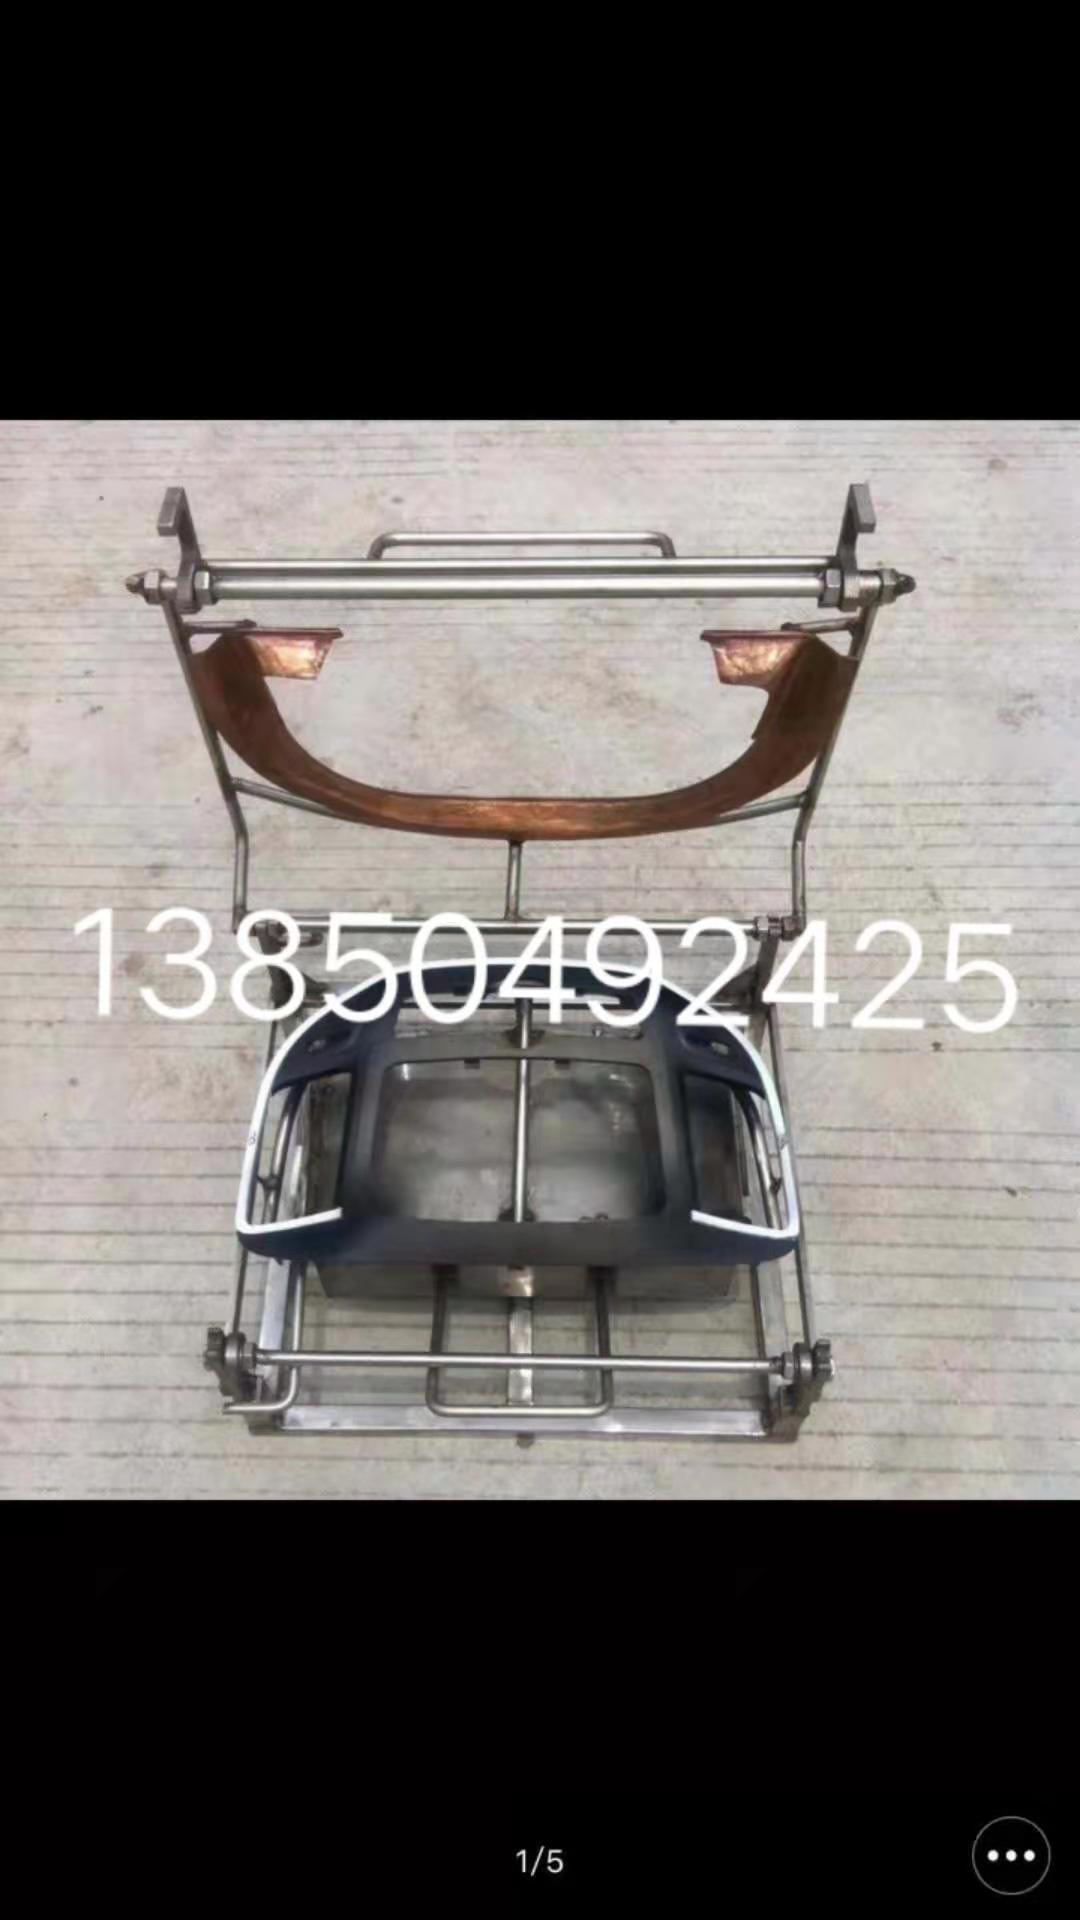 轮毂喷漆遮蔽工装治具,汽车配件厂家直供,轮毂盖喷漆遮蔽工装治具